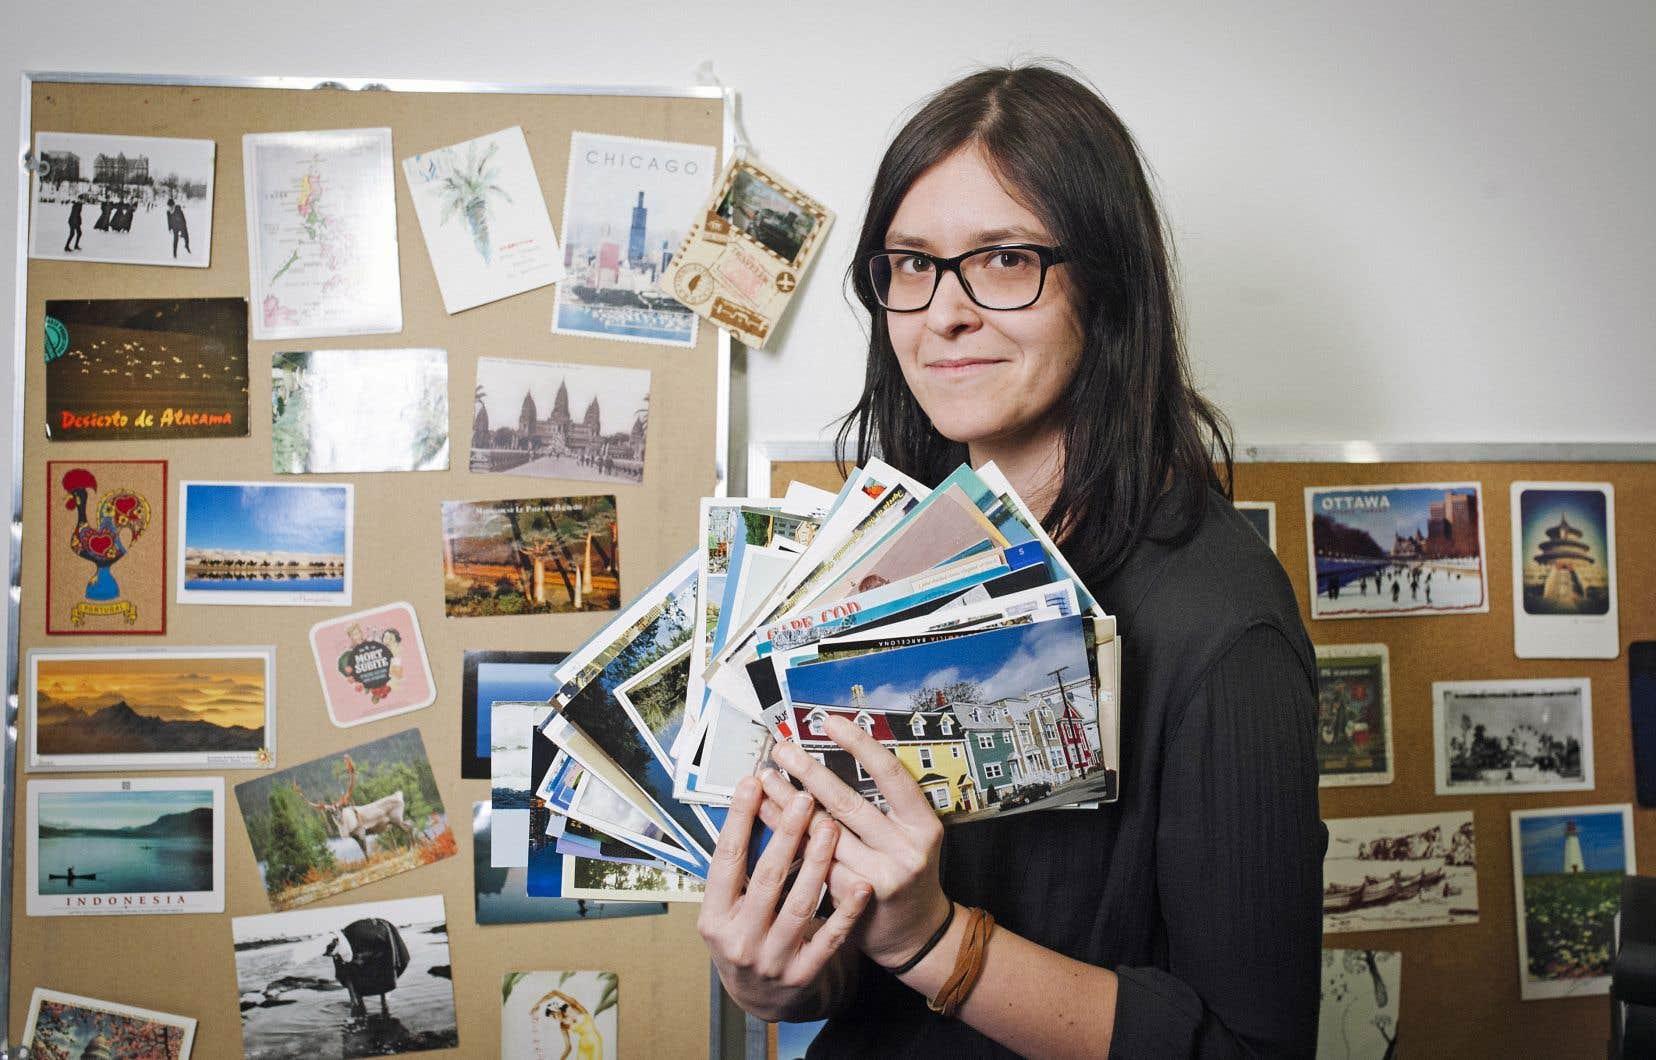 J'ai désormais l'habitude de lire de l'étonnement dans les yeux des employés des postes au moment d'acheter, pour des amis éparpillés sur trois continents, une soixantaine de timbres — car il en faut souvent deux par envoi.